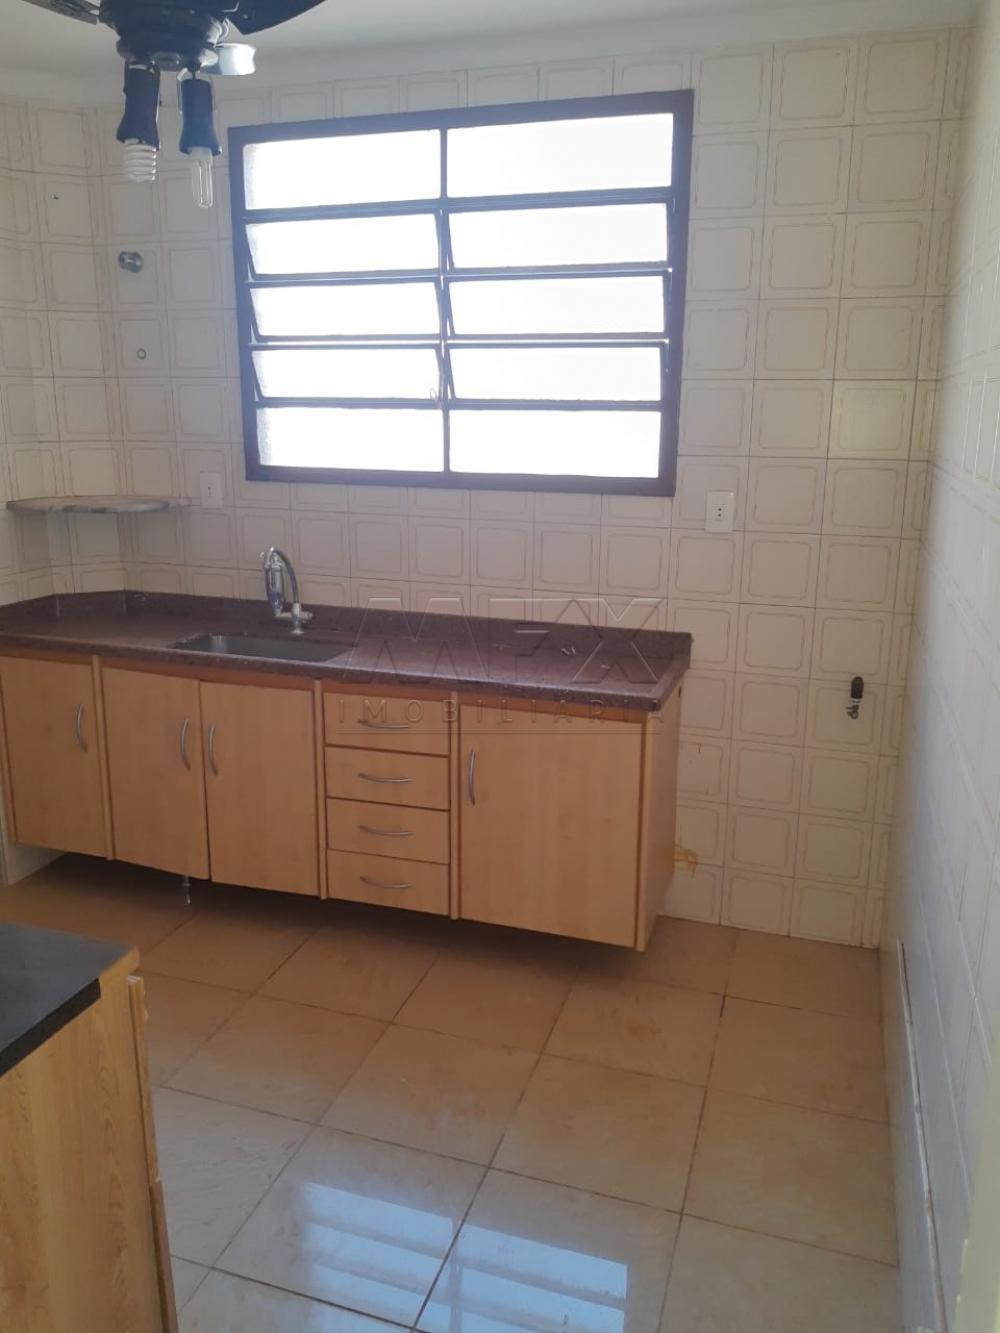 Comprar Apartamento / Padrão em Bauru R$ 154.000,00 - Foto 15